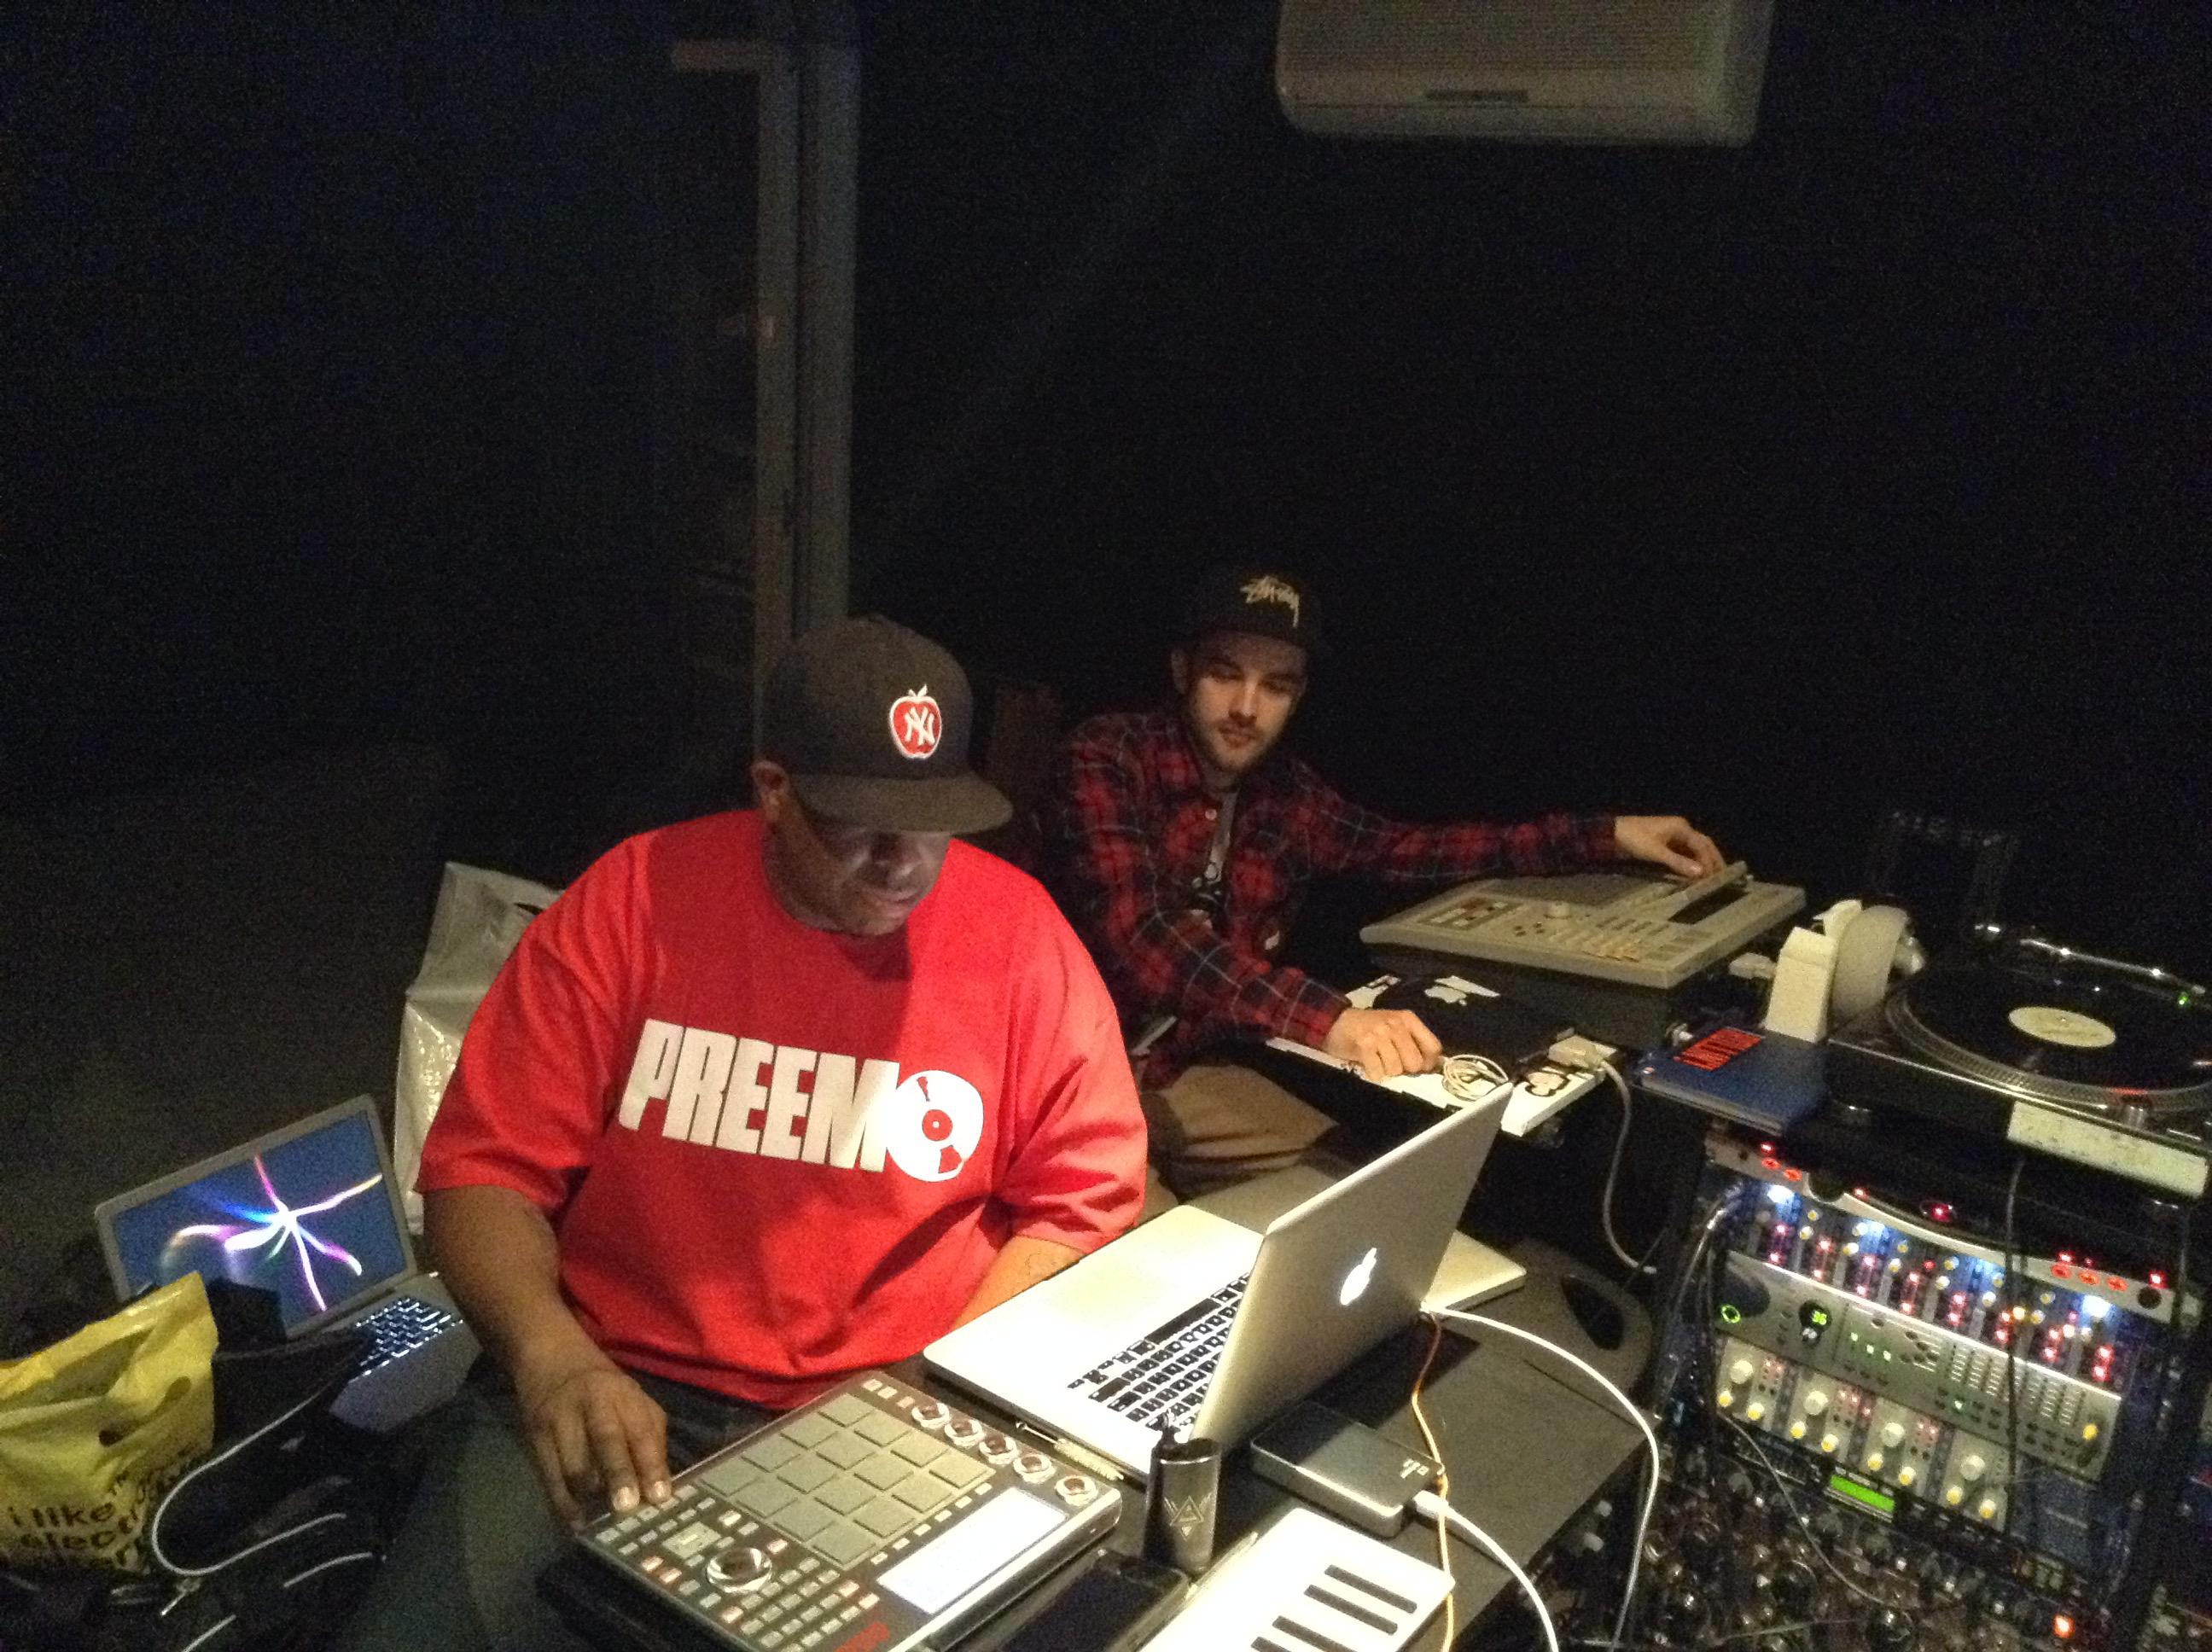 Русский битмейкер BMB SpaceKid рассказал о том, как ему удалось попасть на новый альбом Dr. Dre